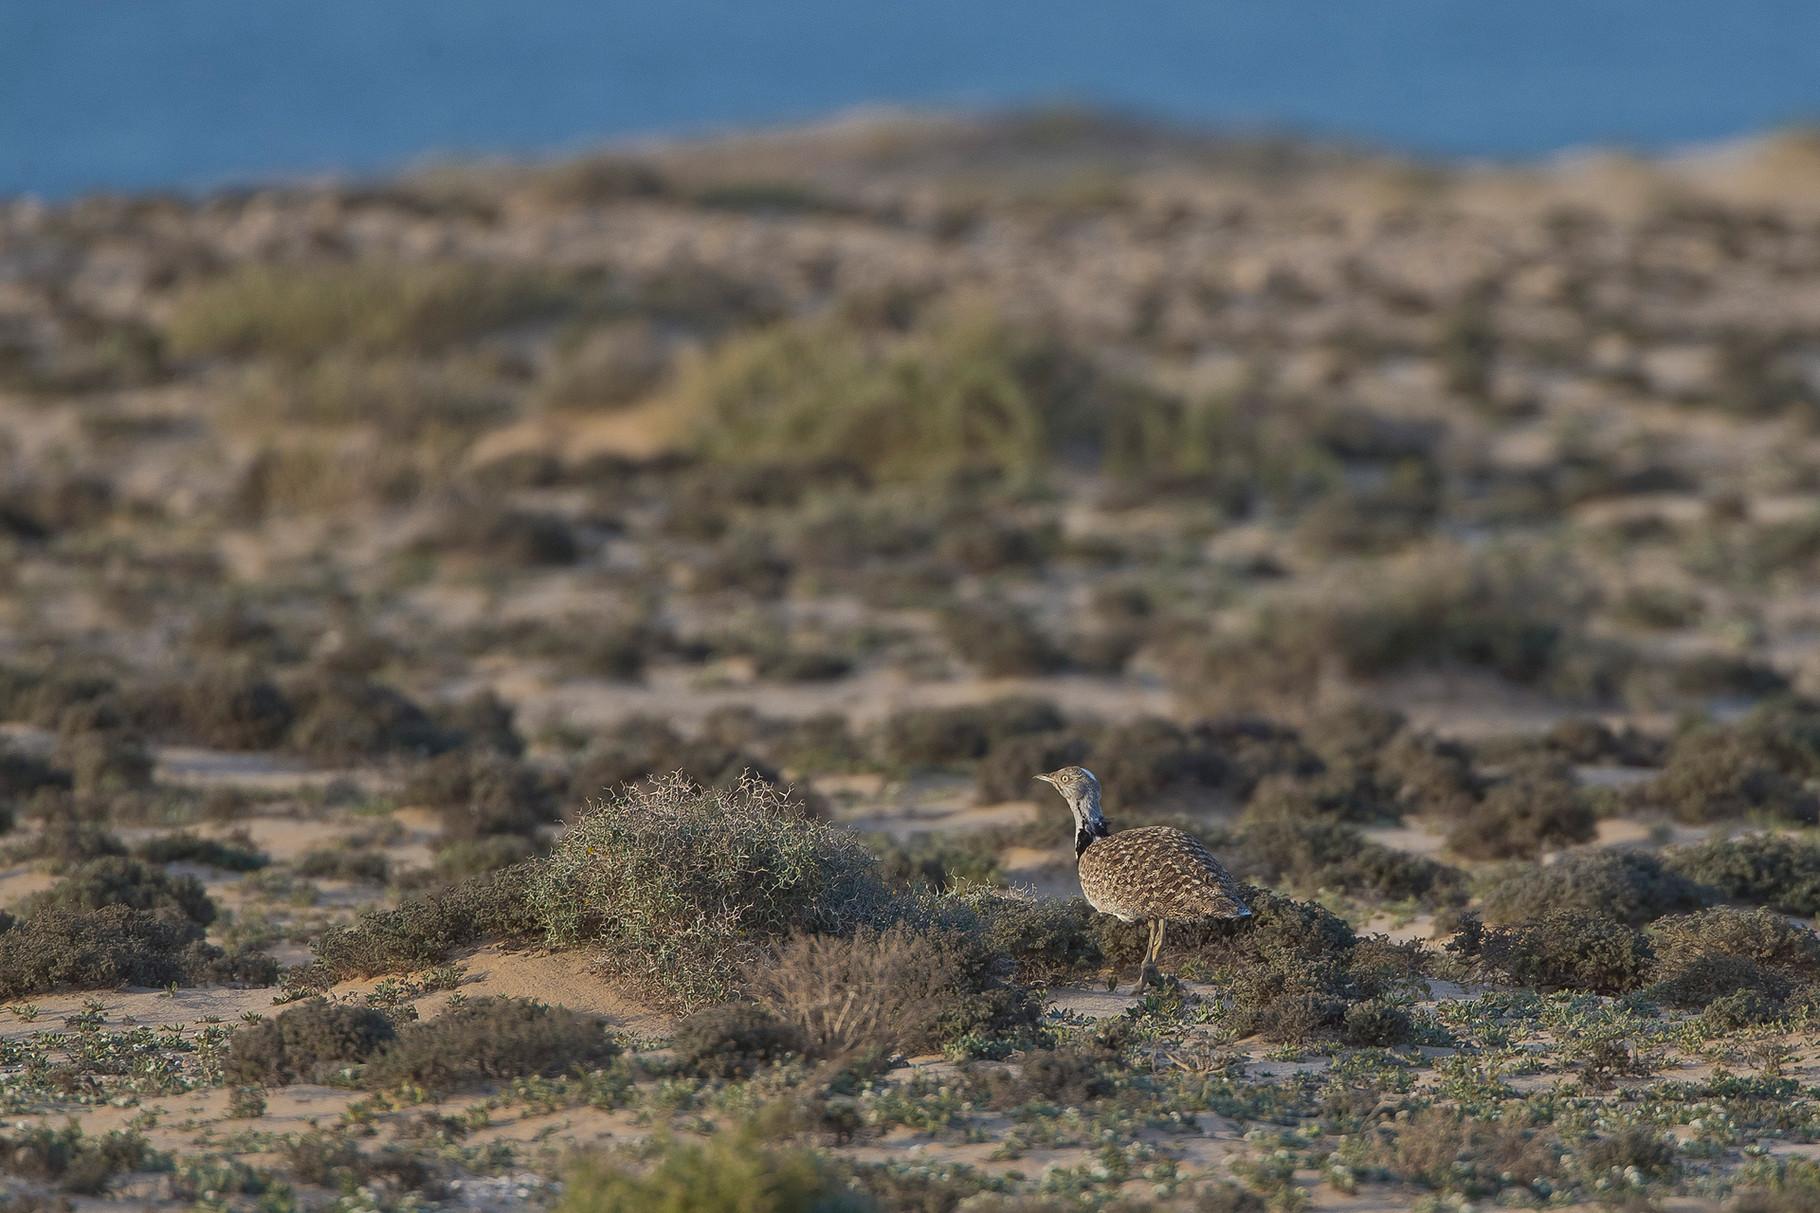 Die Saharakragentrappe verschwindet in der Einsamkeit der Dünenlandschaft